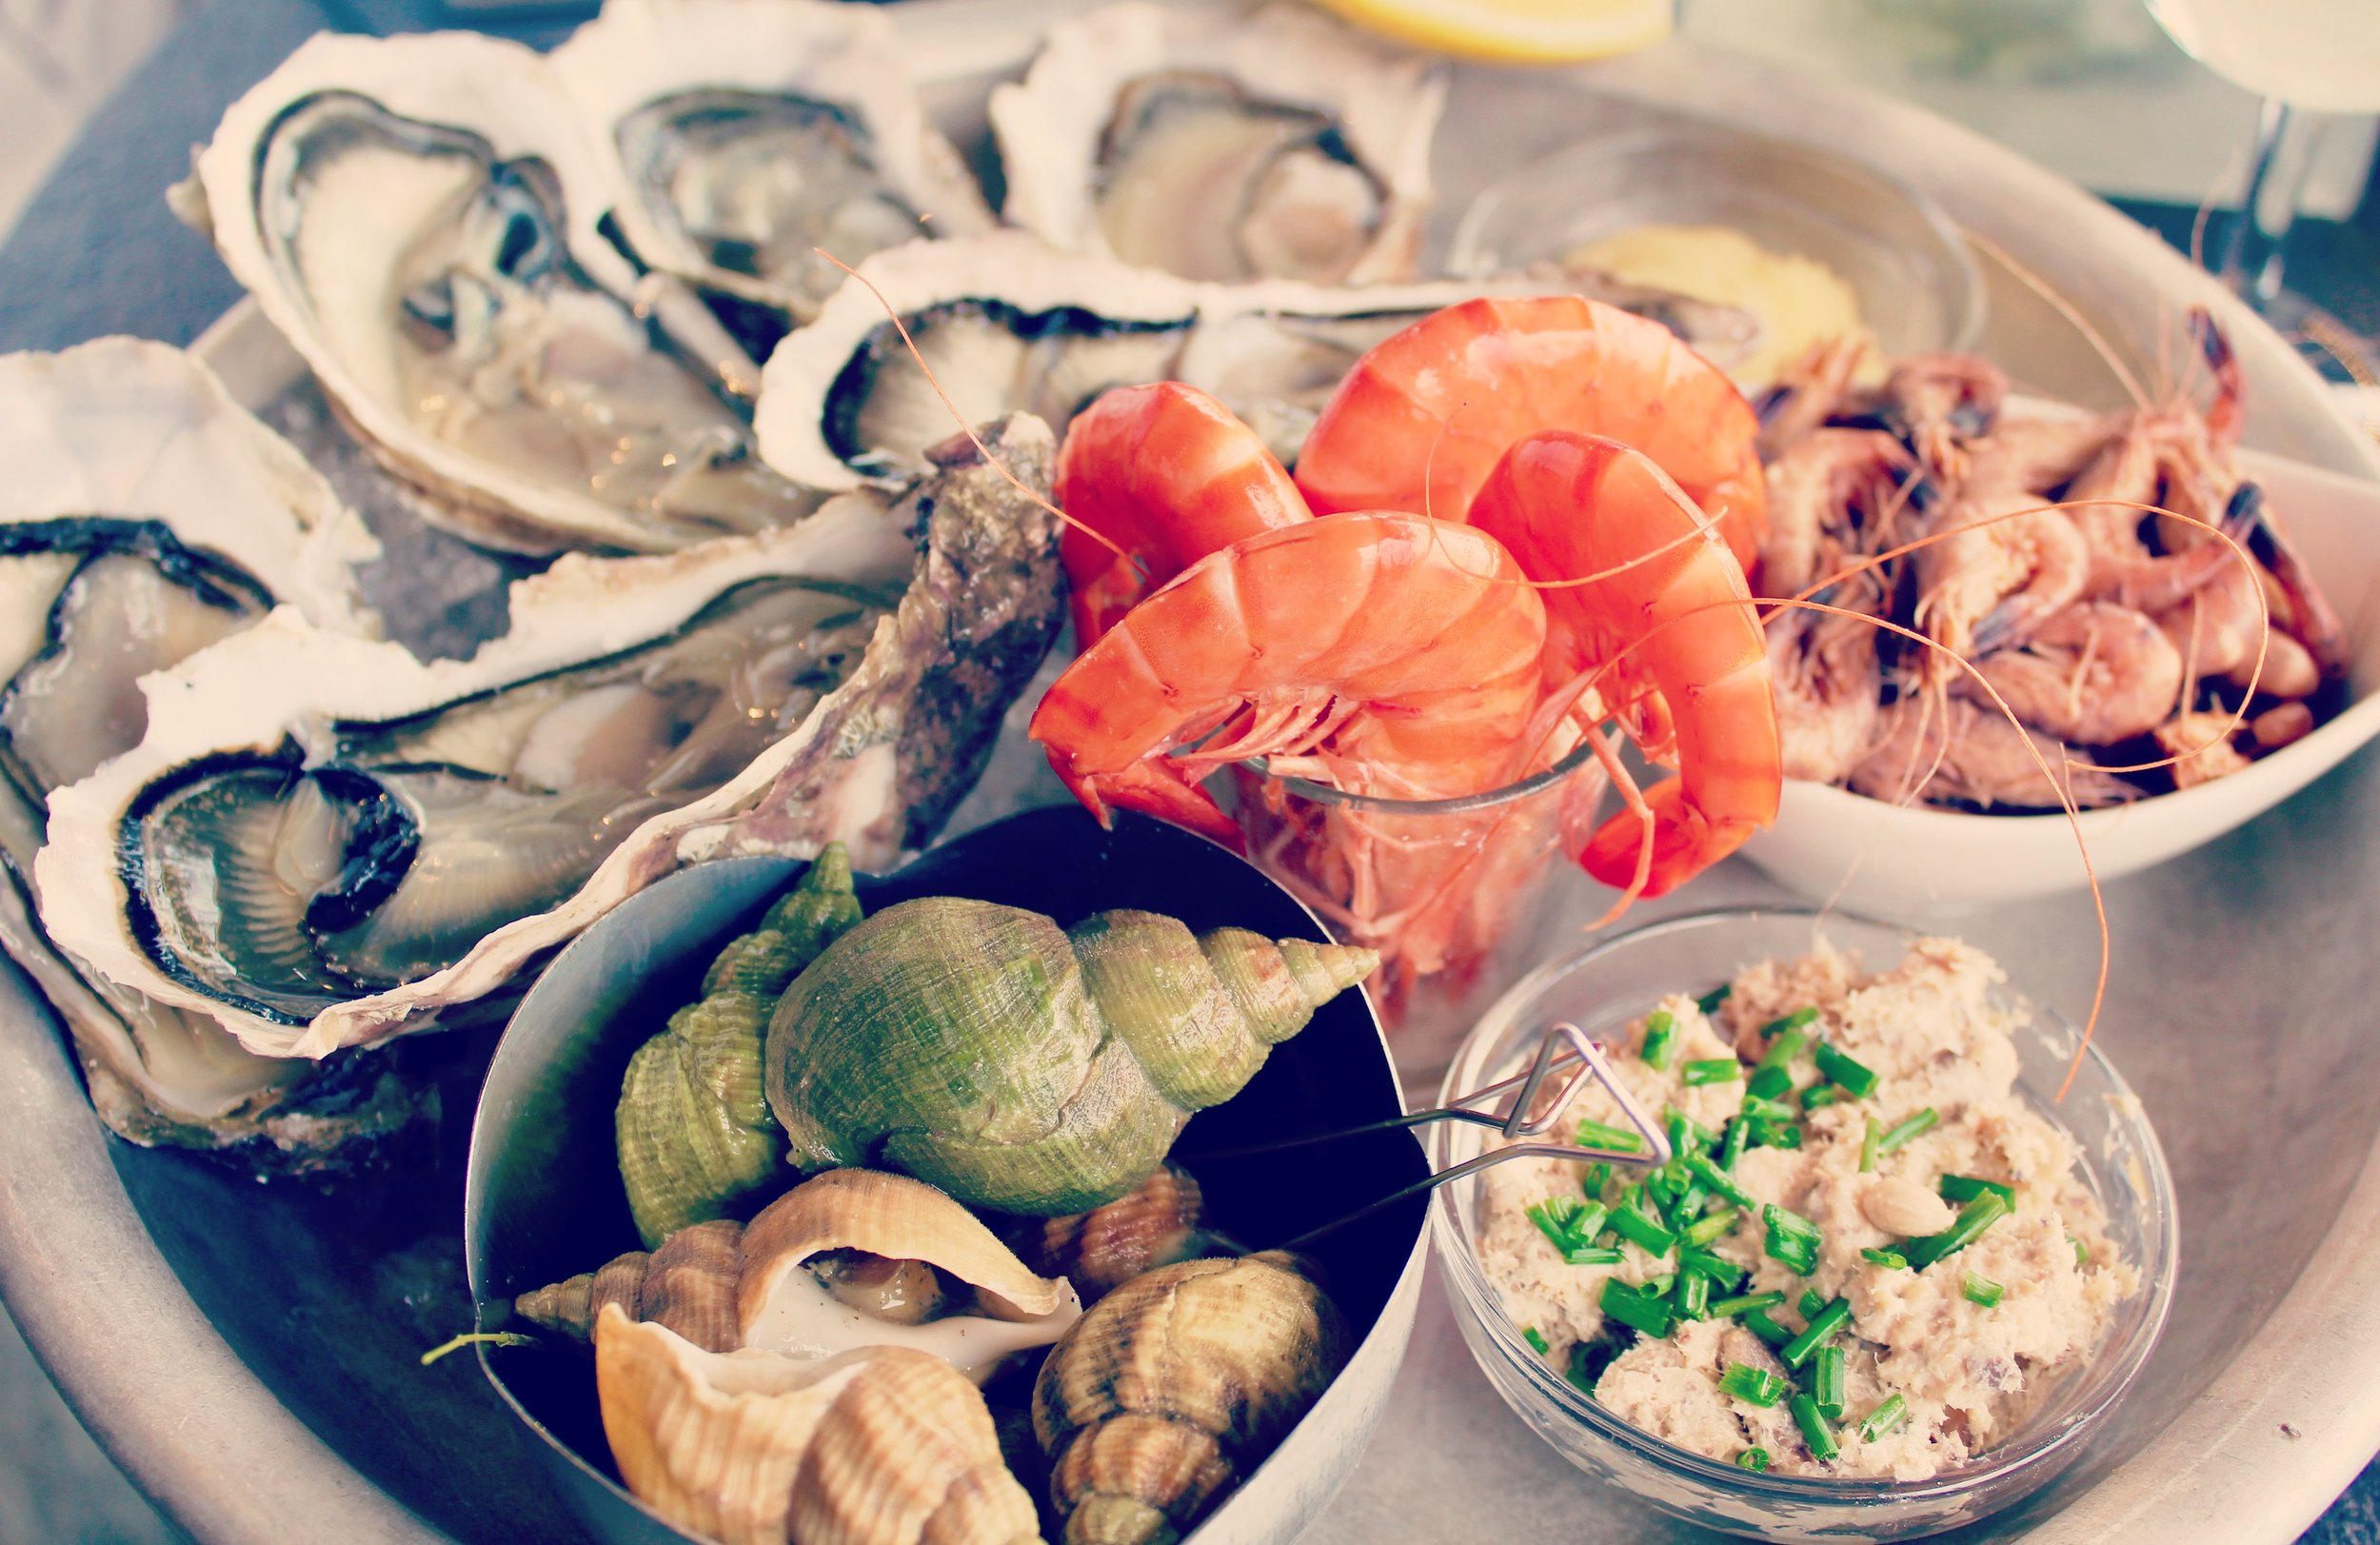 Oysters from Restaurant l'Atelier de l'Huitre